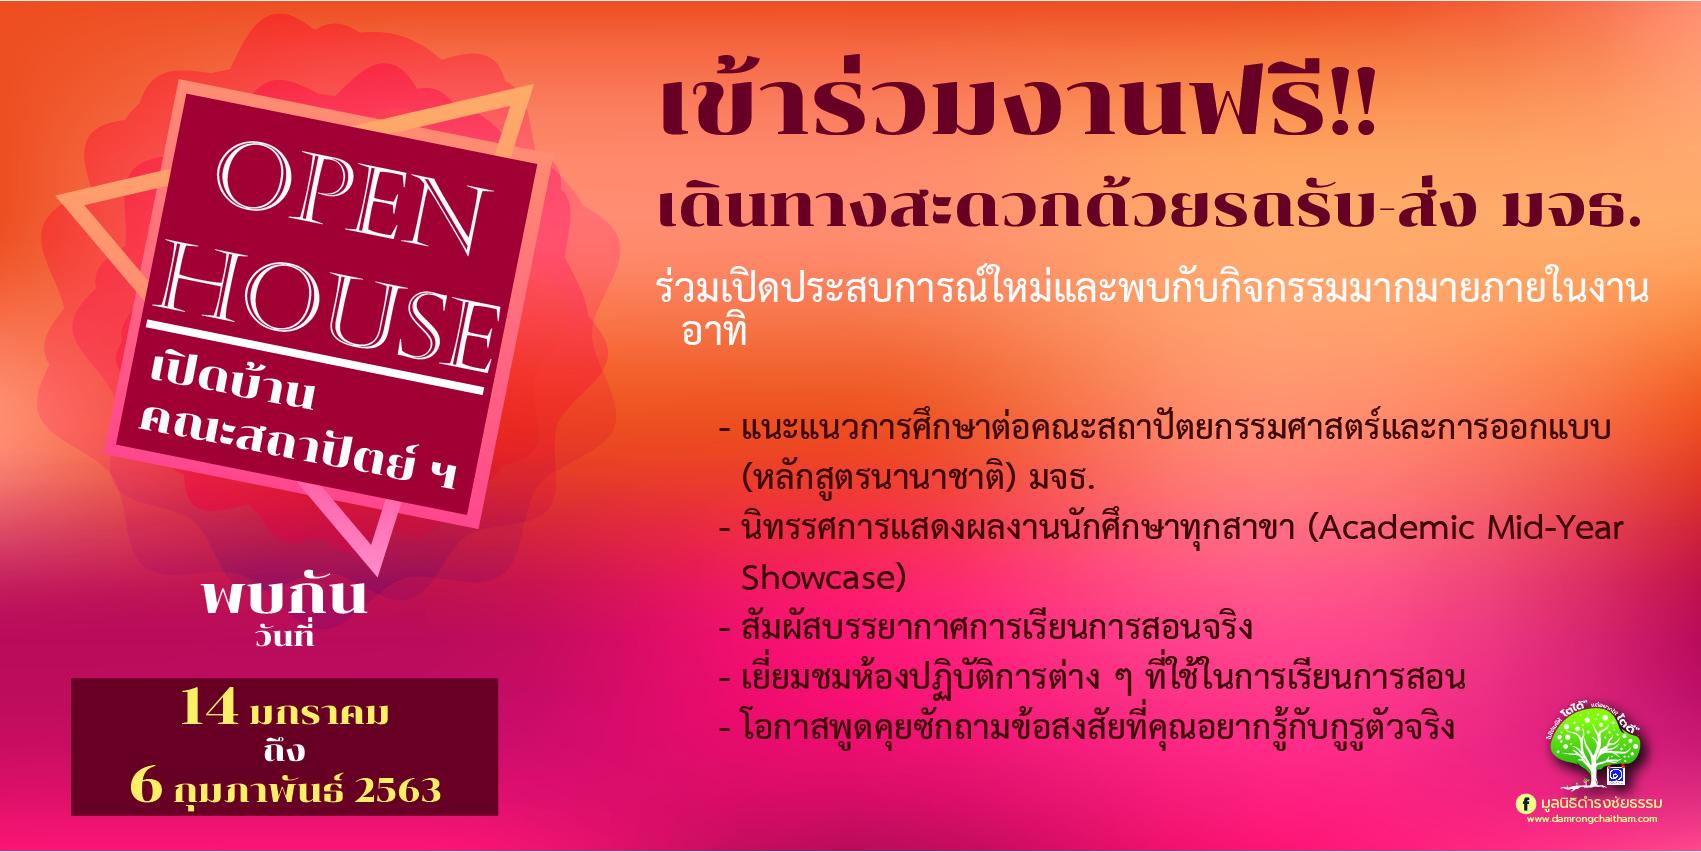 เปิดบ้านคณะสถาปัตย์ฯ มหาวิทยาลัยเทคโนโลยีพระจอมเกล้าธนบุรี